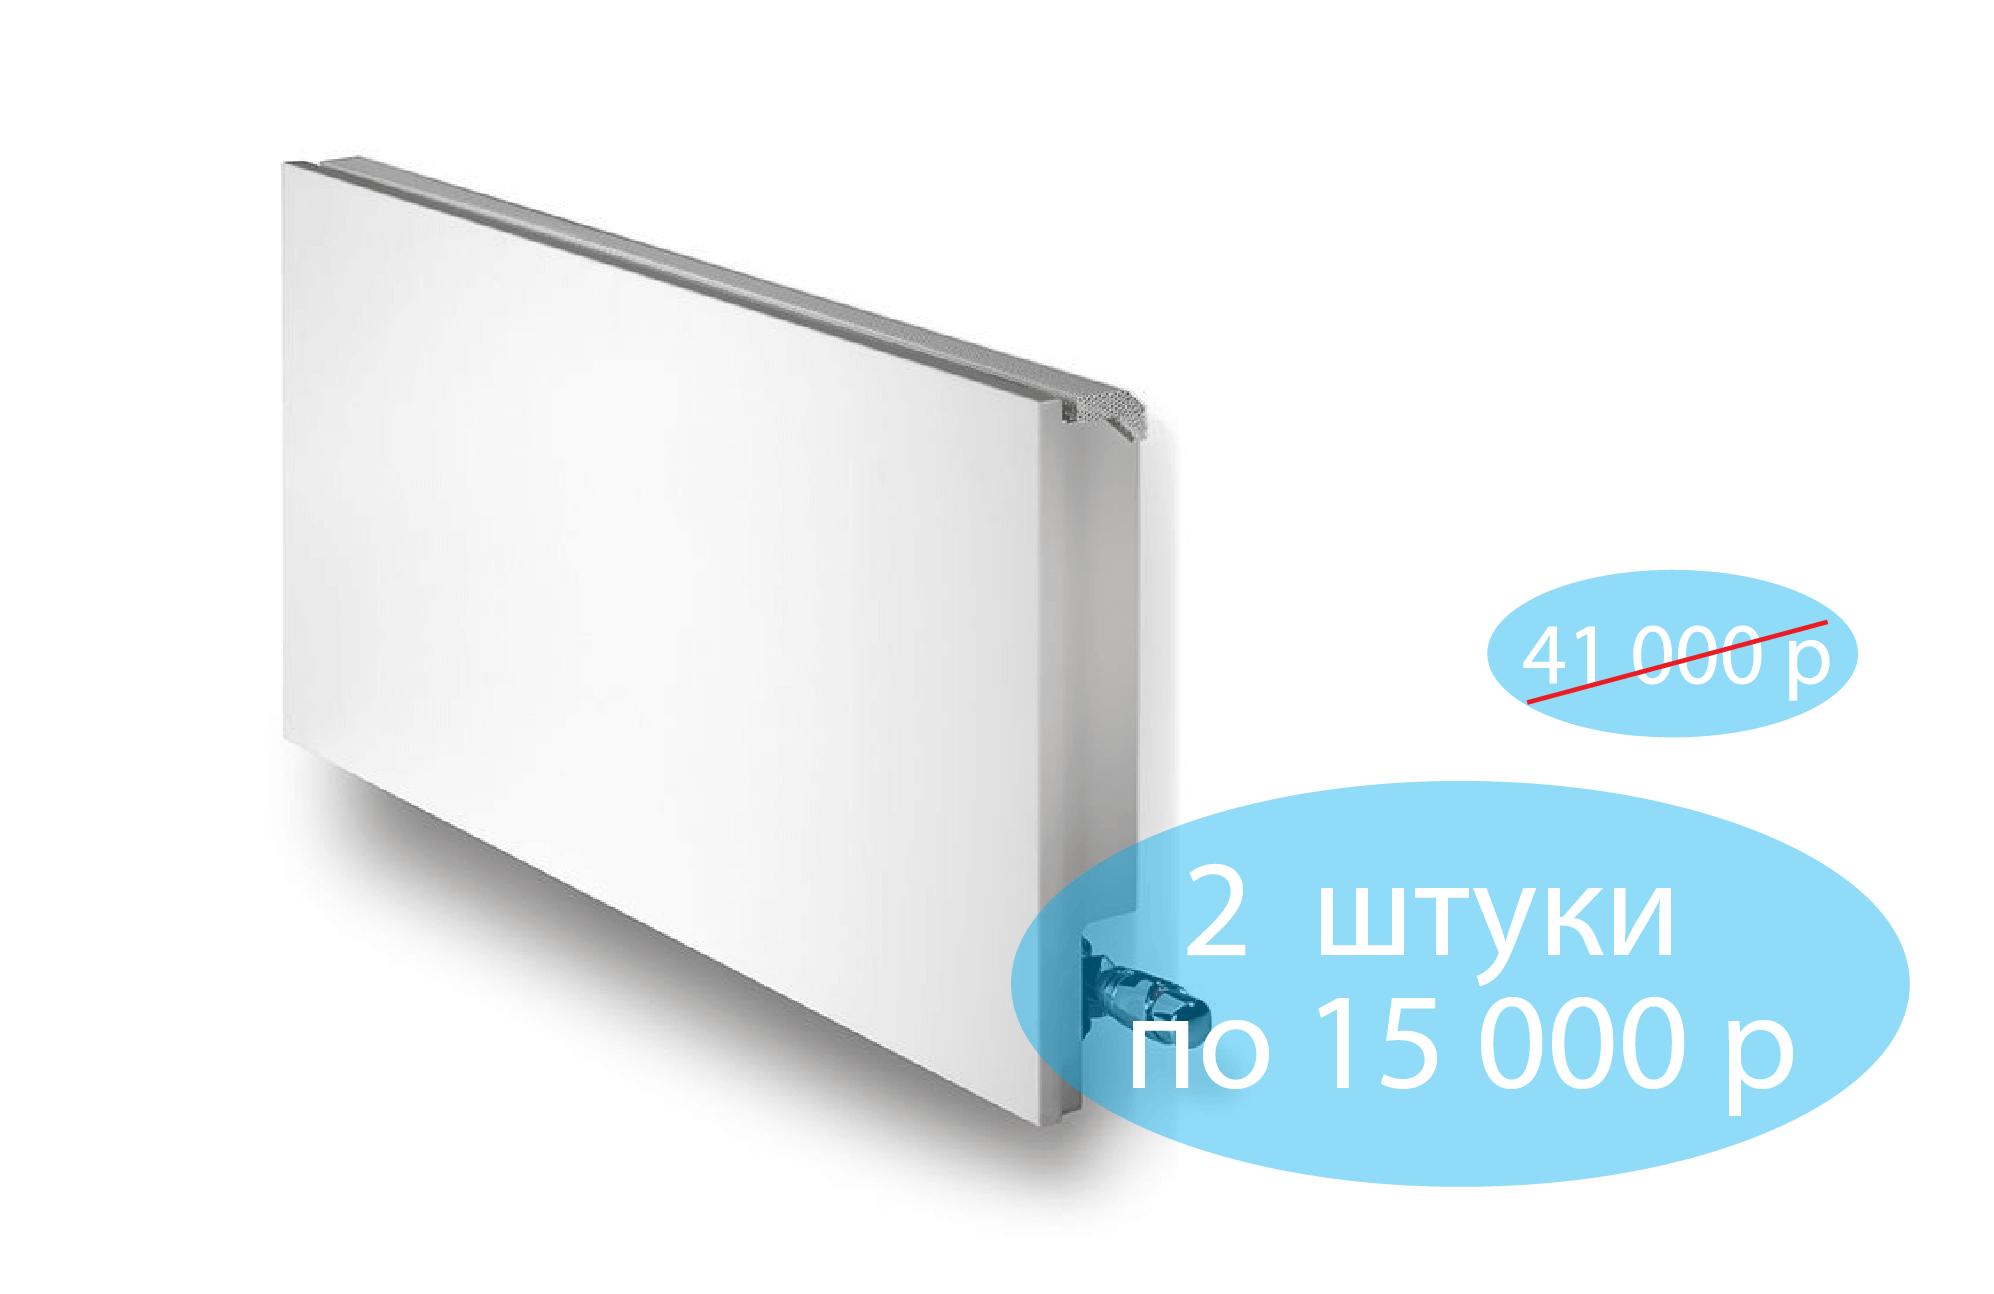 jaga-linea-plus-radiator